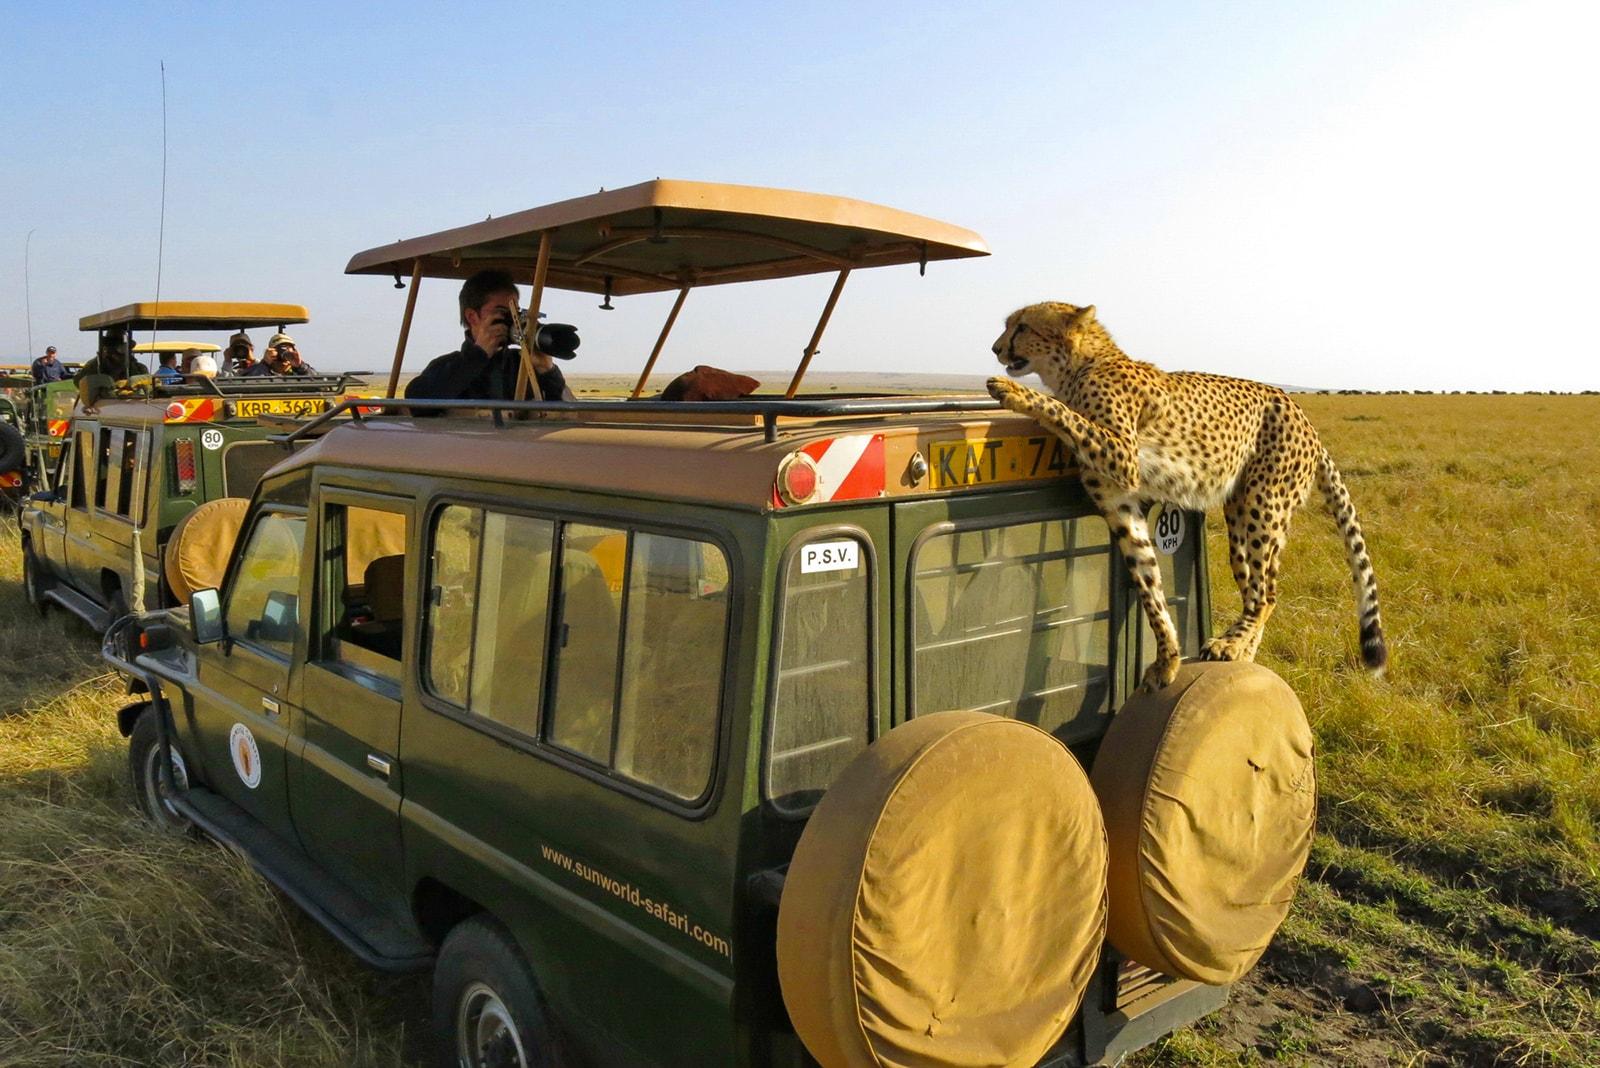 viaggio_fotografico_kenya_5-min